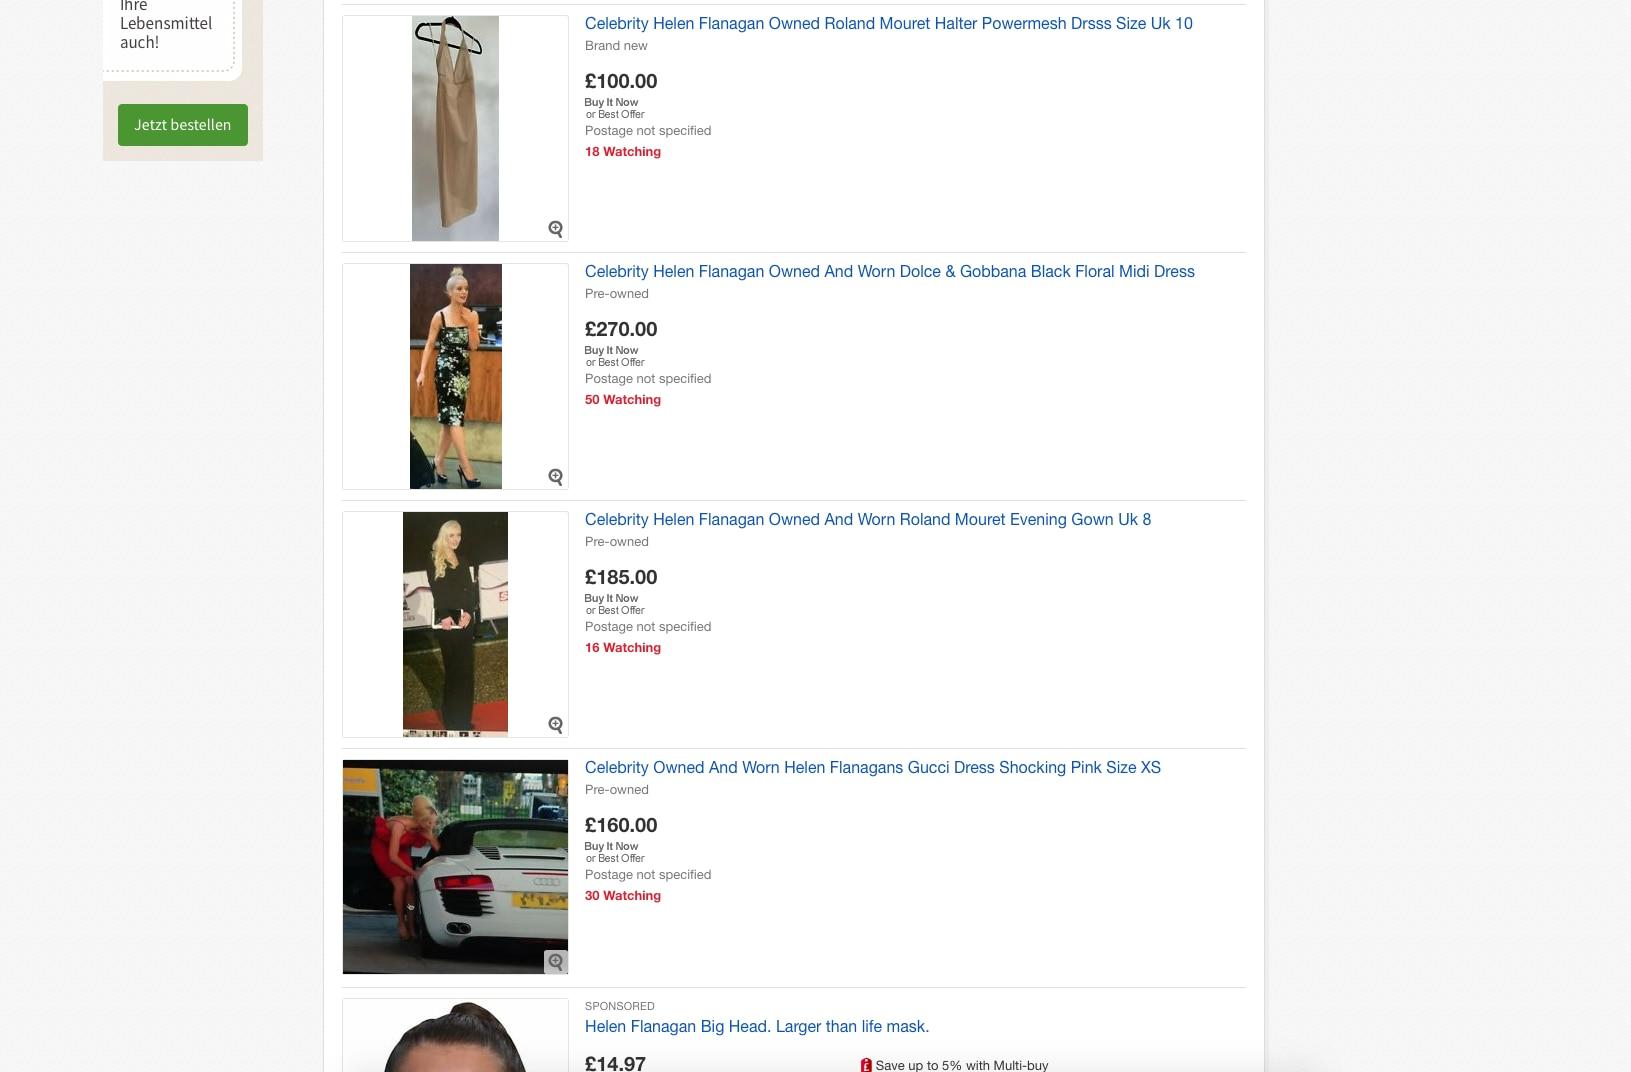 Auf ihrem Ebayprofil verkauft Helen Flanagan aktuell getragene Kleidung von Zara bis Gucci.